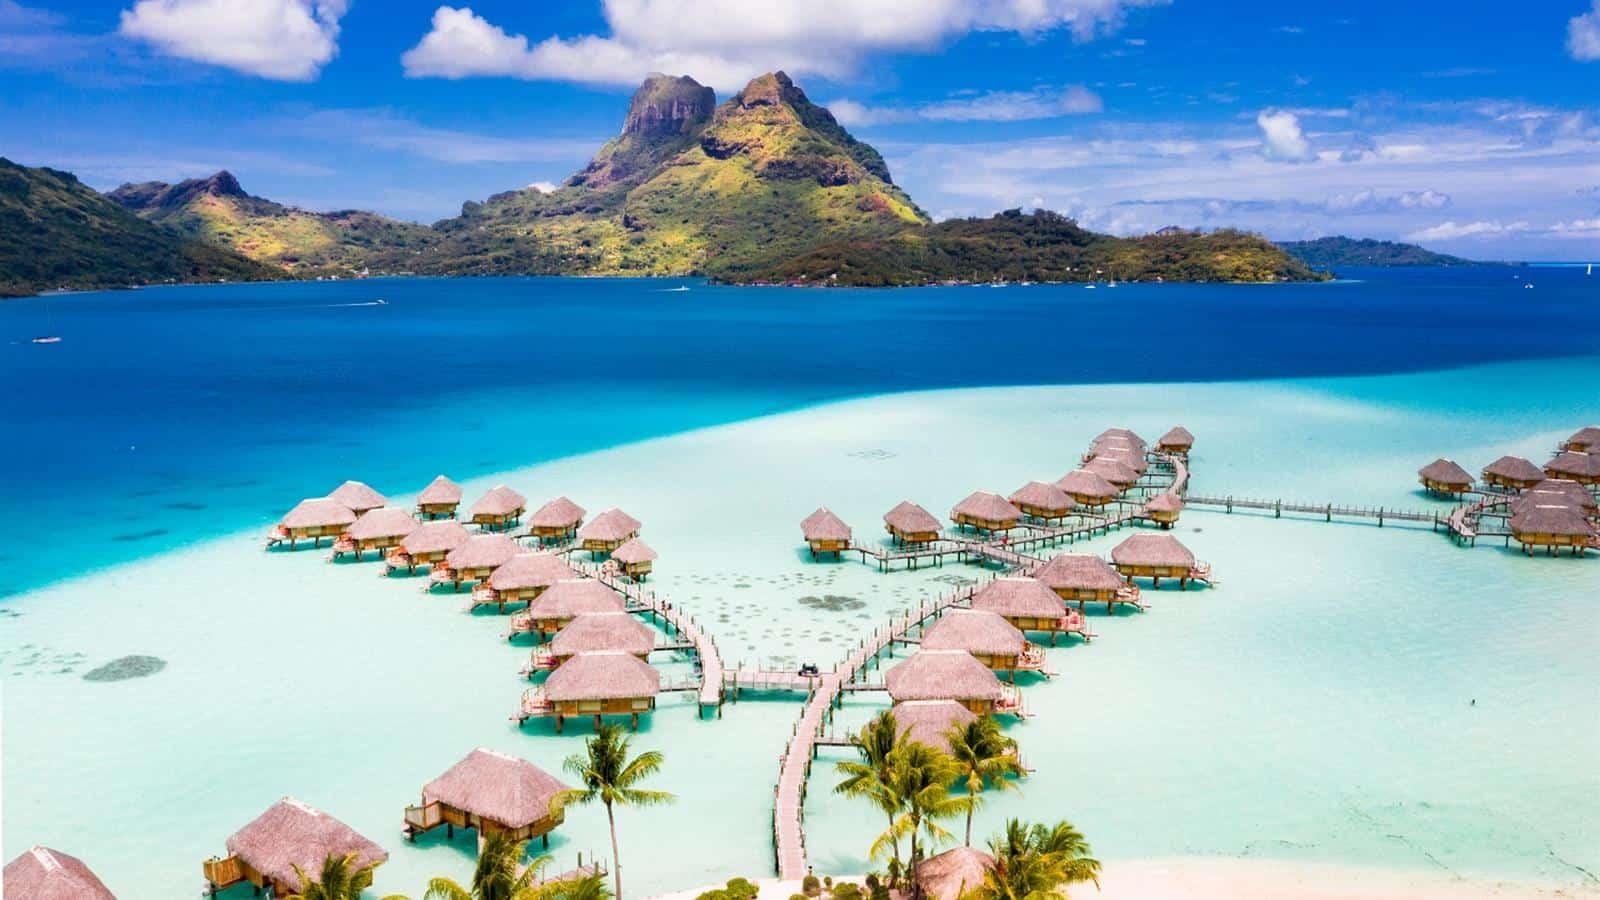 أماكن يزورها المشاهير للسياحة بورا بورا